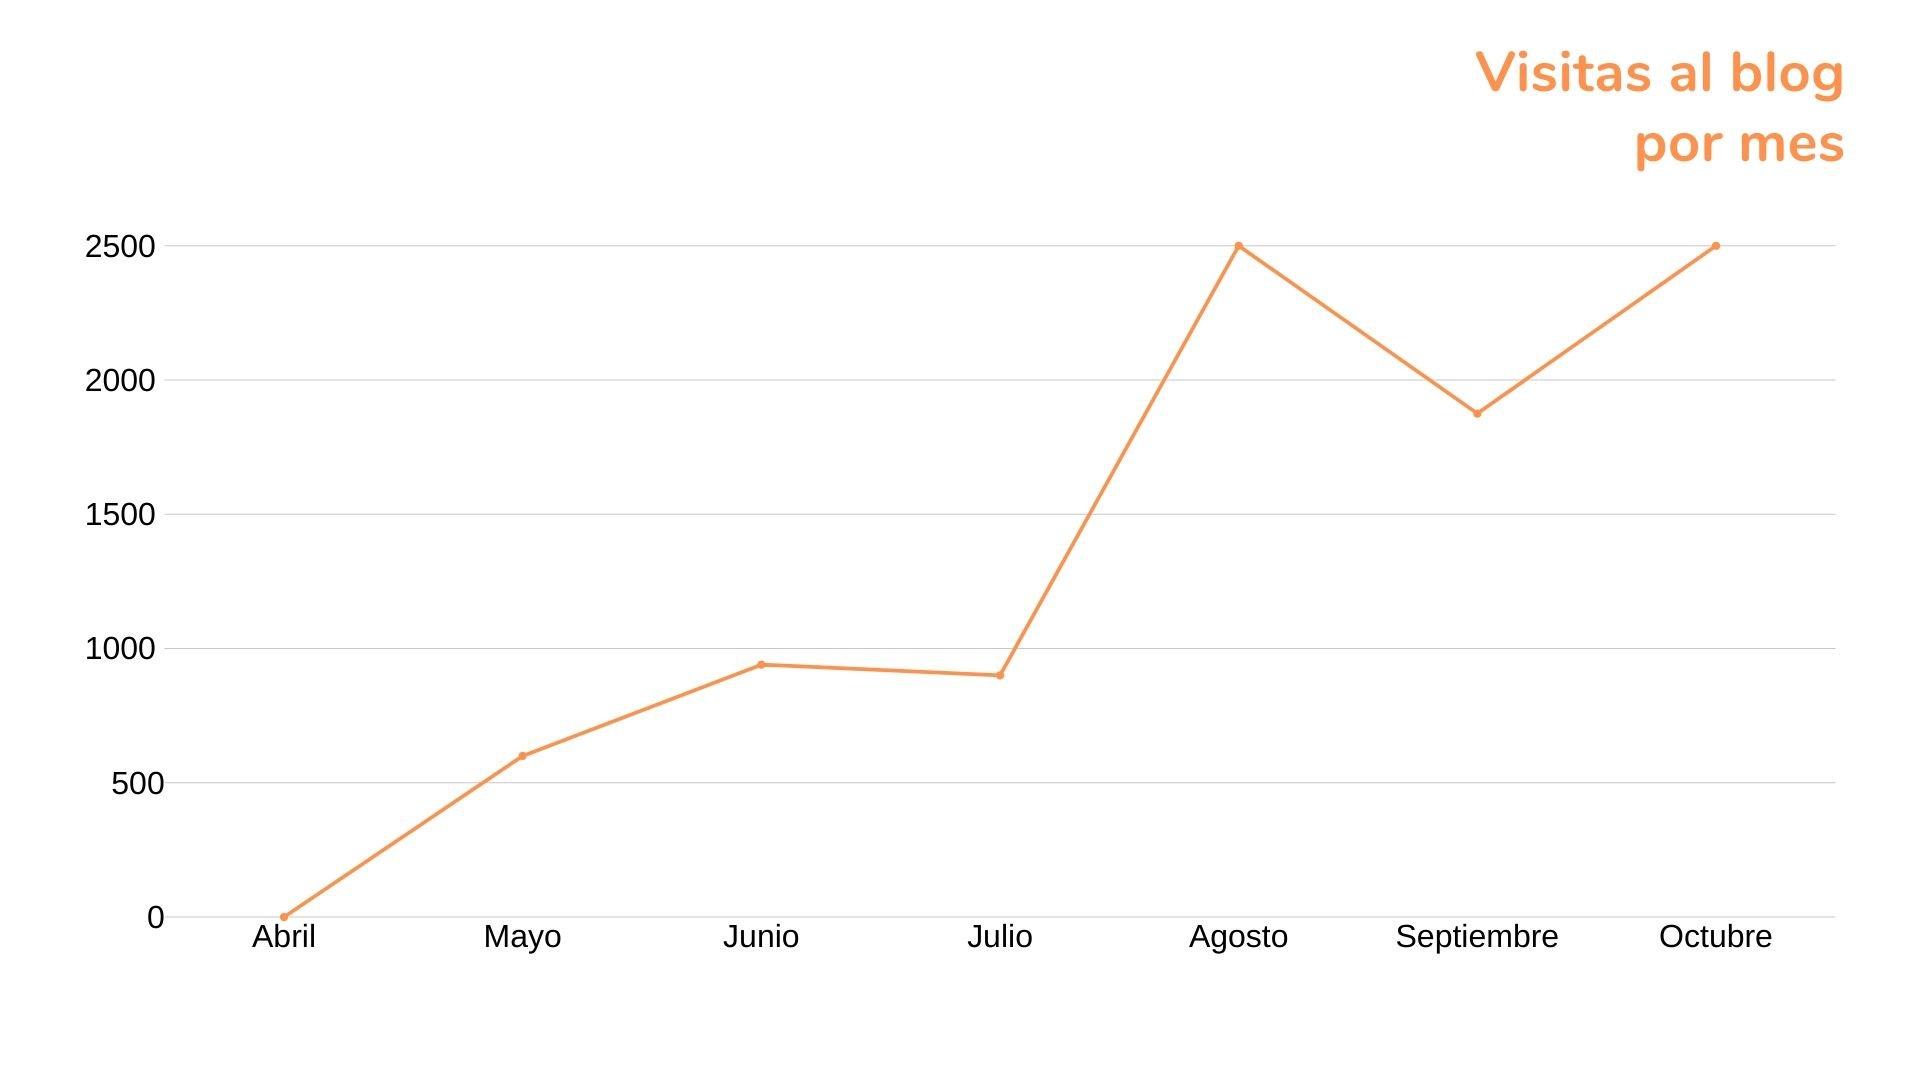 Visitas al blog por mes